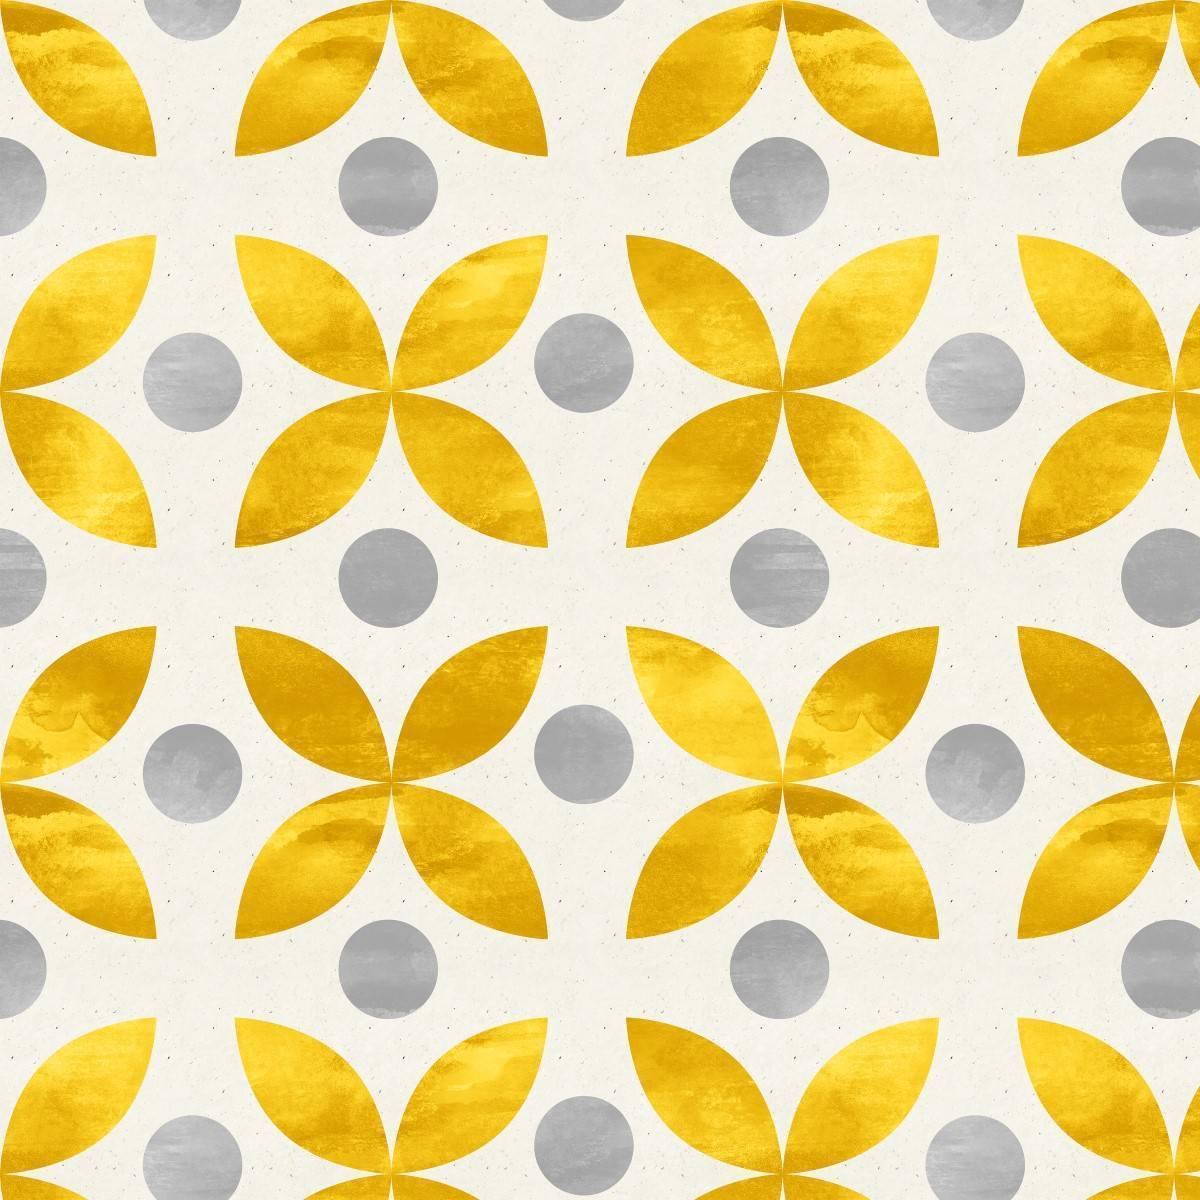 Papel de Parede Geométrico Dourado | Adesivo Vinílico imagem 1